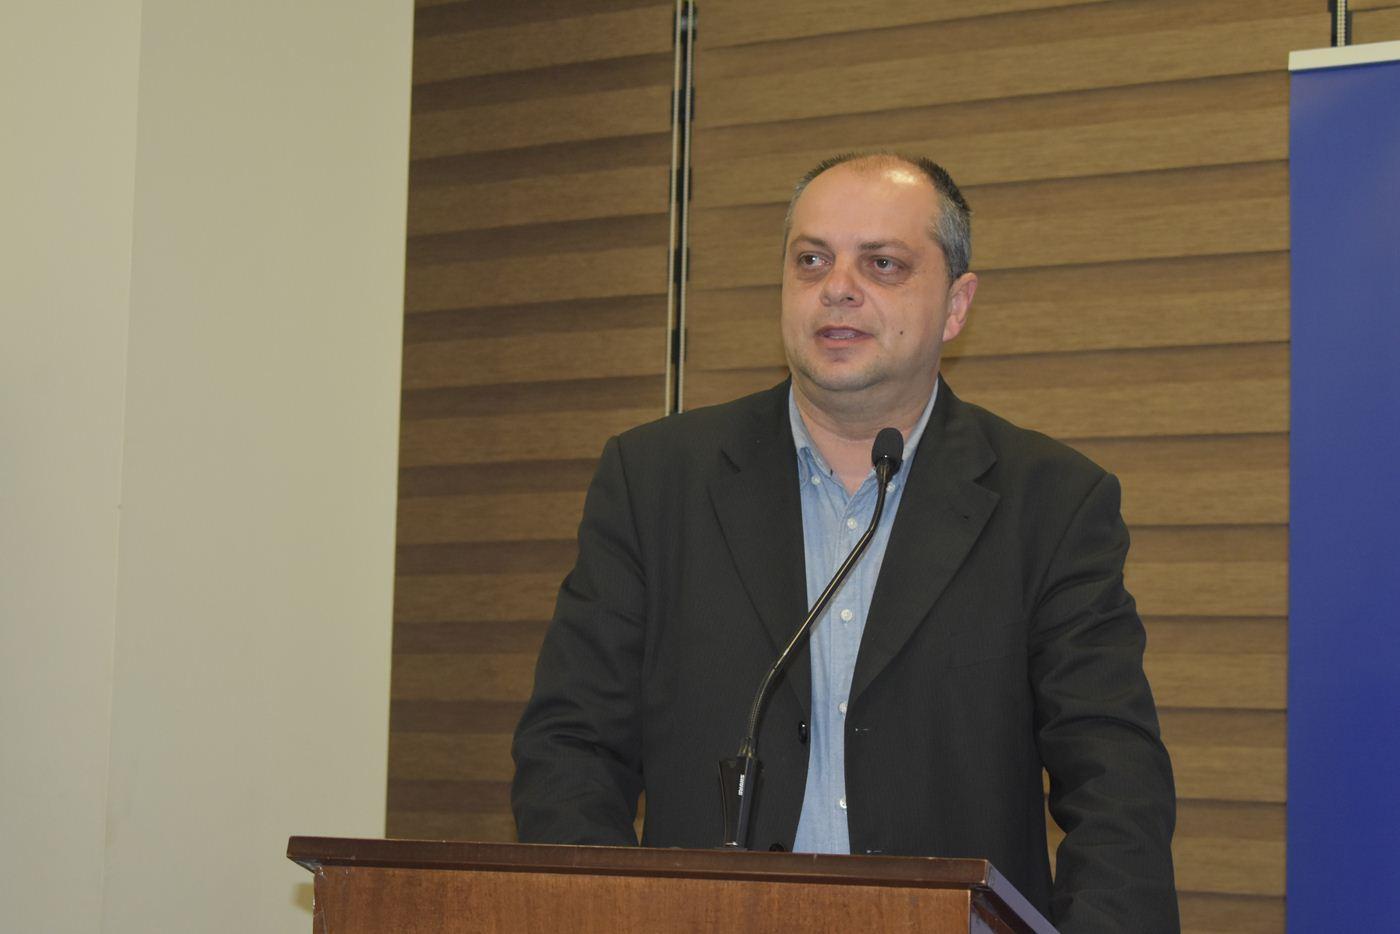 Β. Μιχαλολιάκος από Λάρισα: «Σε αυτές τις ευρωεκλογές πάμε για μια δυνατή Ελλάδα και μια καλύτερη Ευρώπη»